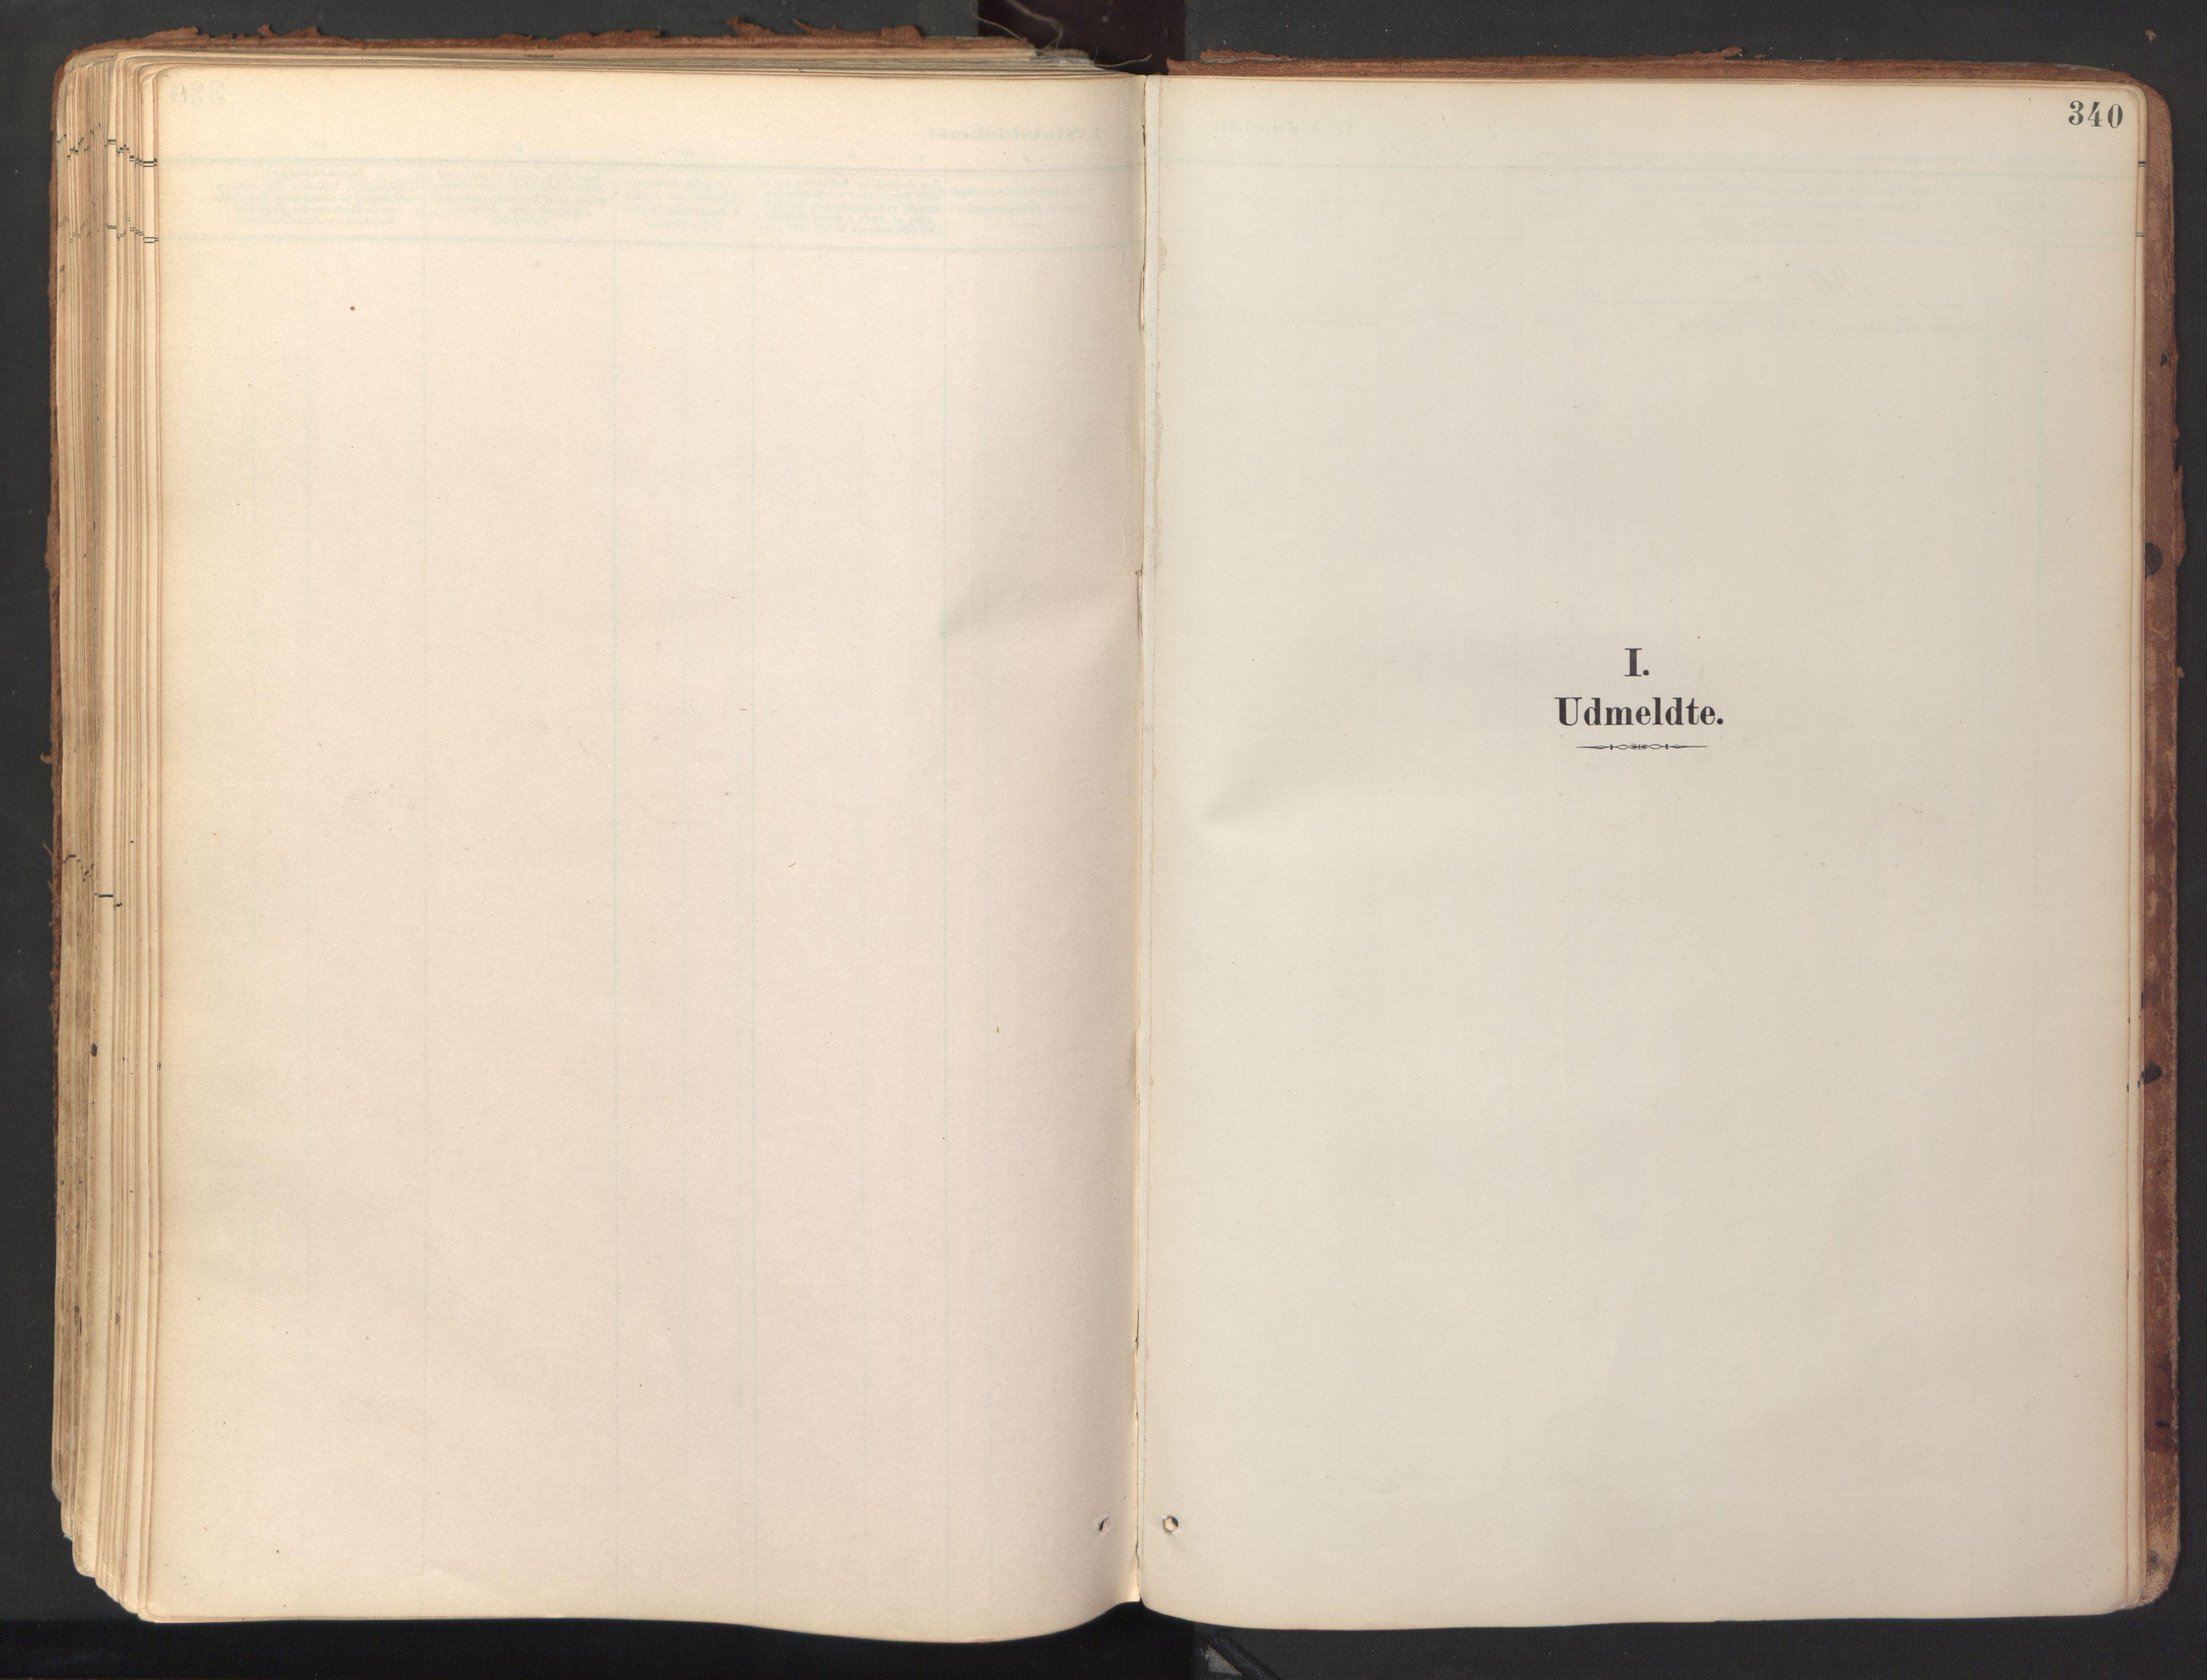 SAT, Ministerialprotokoller, klokkerbøker og fødselsregistre - Sør-Trøndelag, 689/L1041: Ministerialbok nr. 689A06, 1891-1923, s. 340